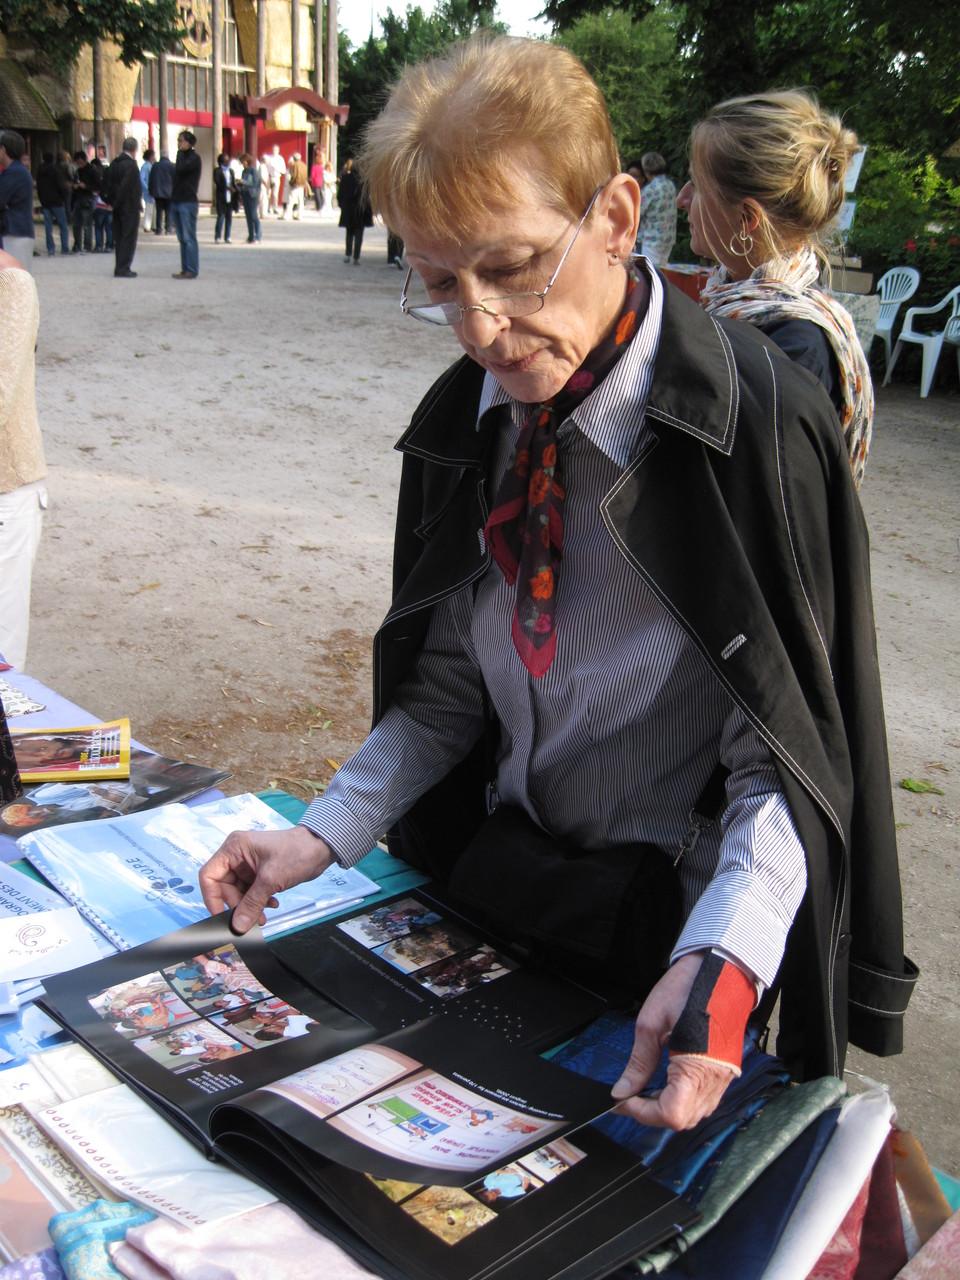 2012 - Danielle notre future Trésorière découvre ces 2 livres illustrés de magnifiques photos.